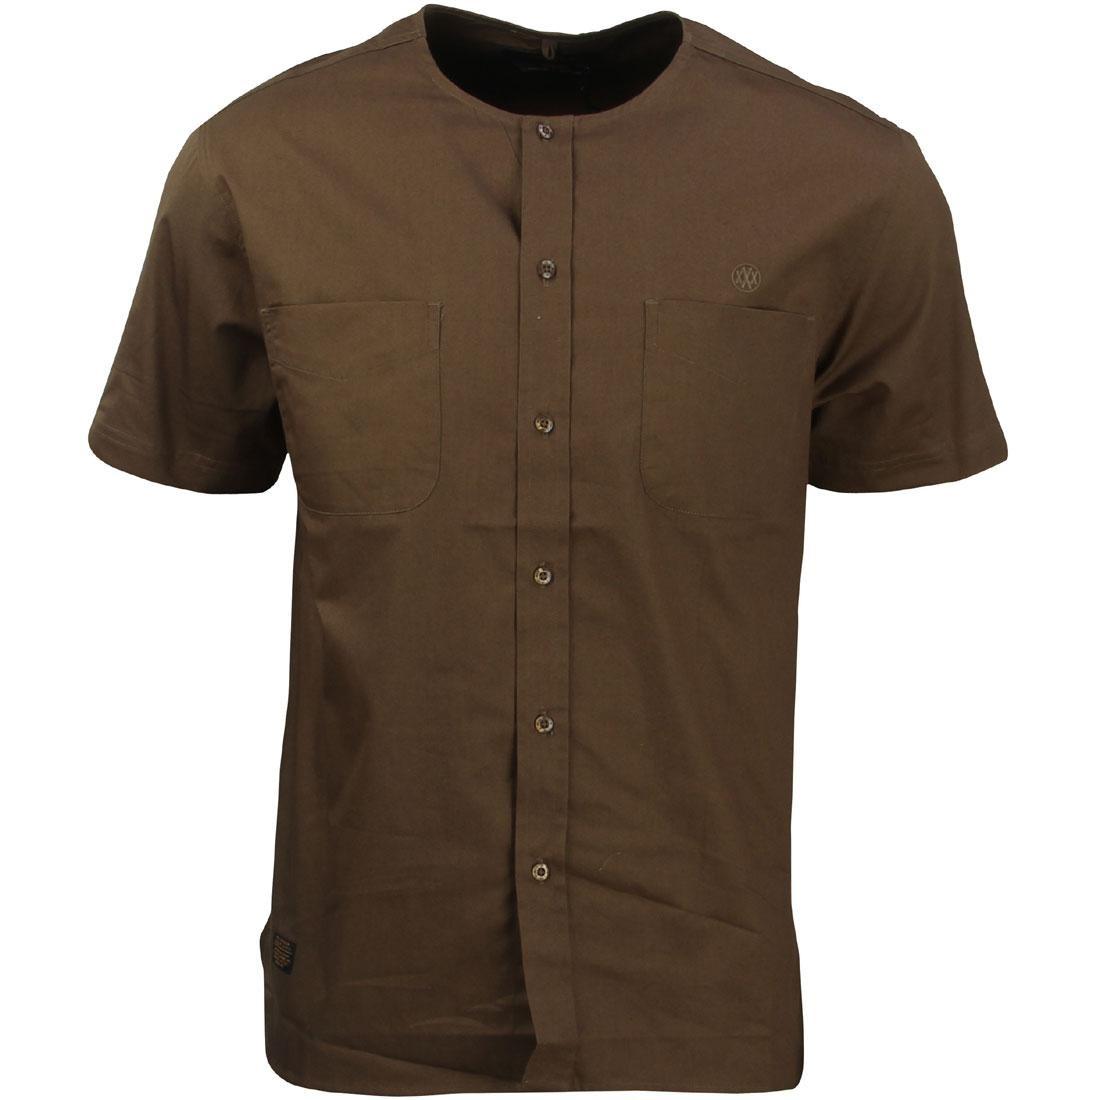 10 Deep Men Beachfront Collarless Short Sleeve Shirt (brown / army)